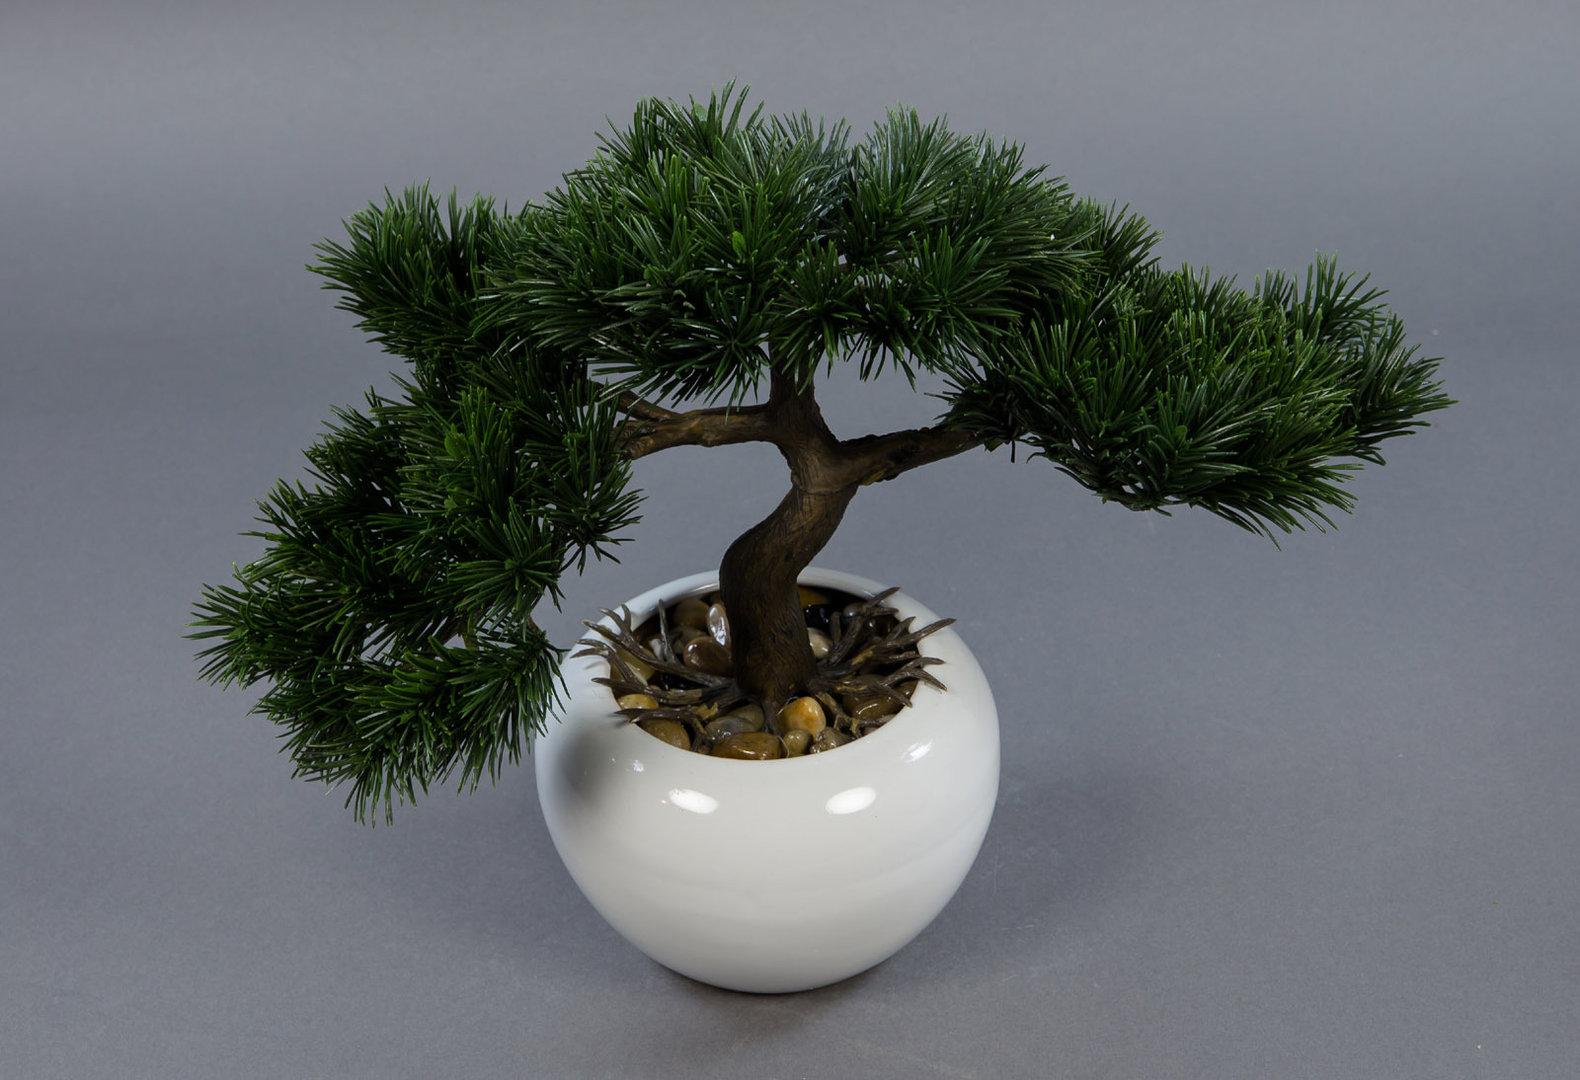 ehrf rchtige japanische pflanzen einzigartige ideen zum sichtschutz. Black Bedroom Furniture Sets. Home Design Ideas